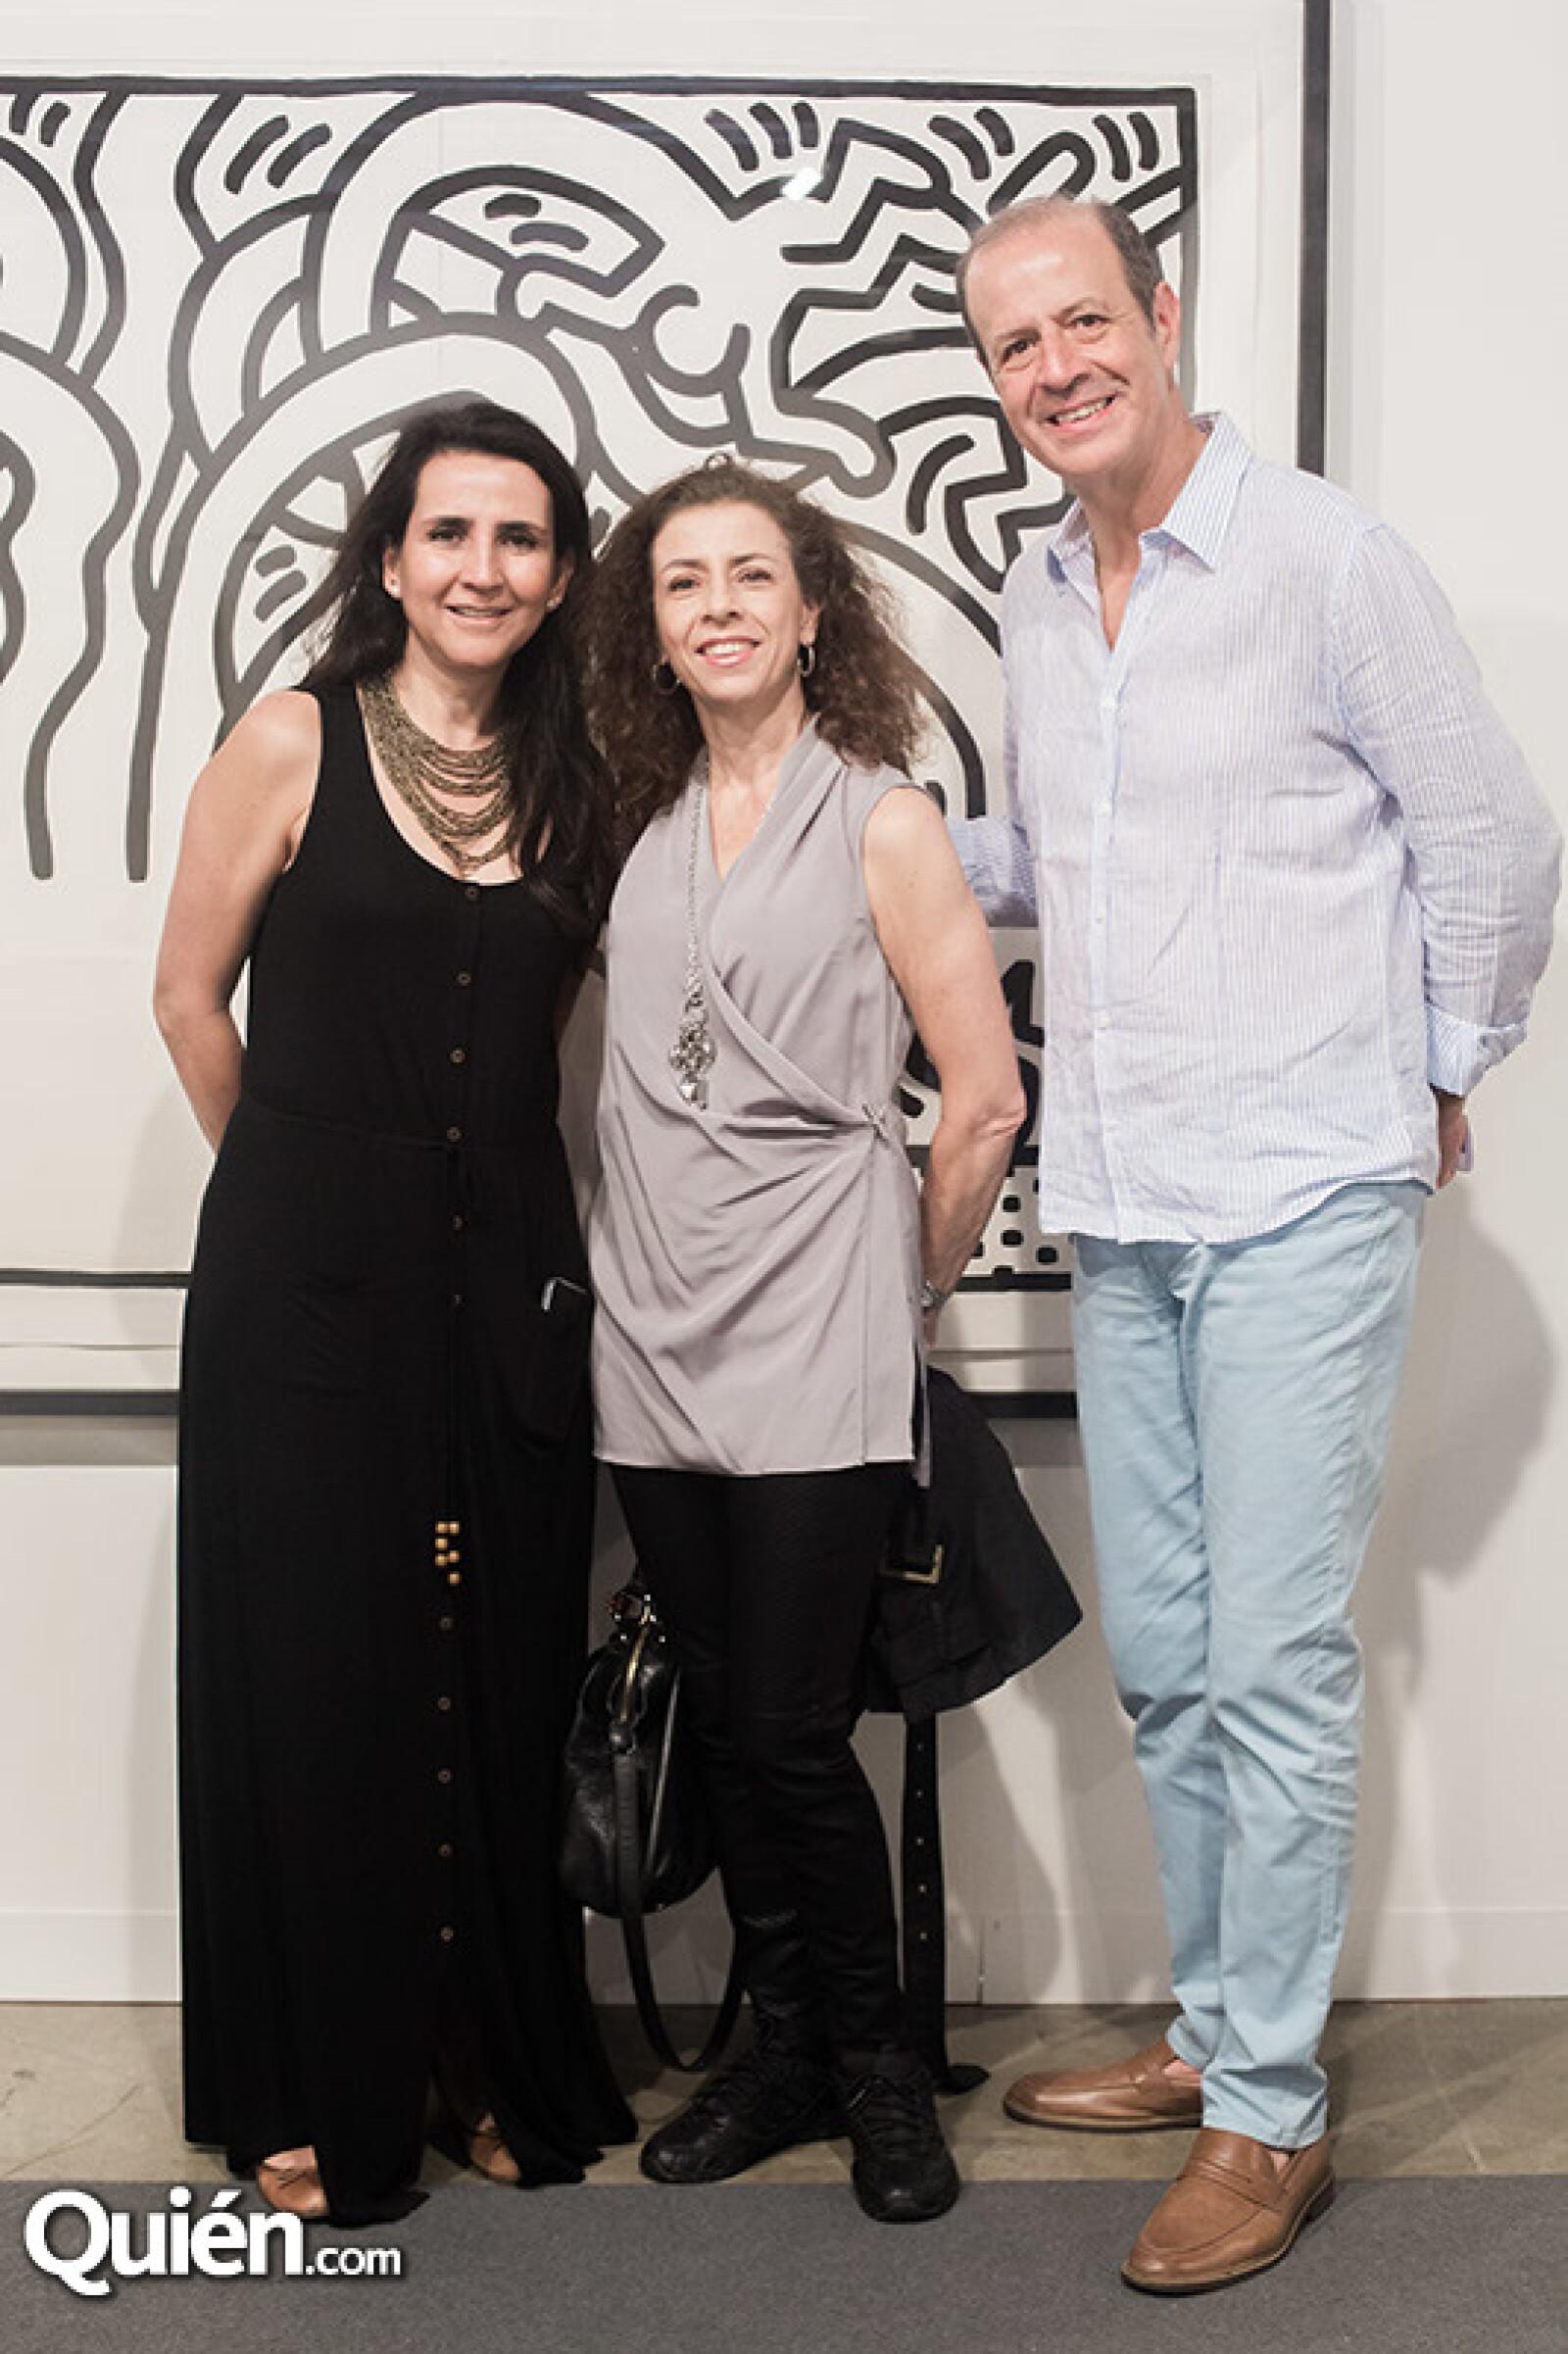 Grabriela Gómez,Malena Salvoch y Mario Alarcón